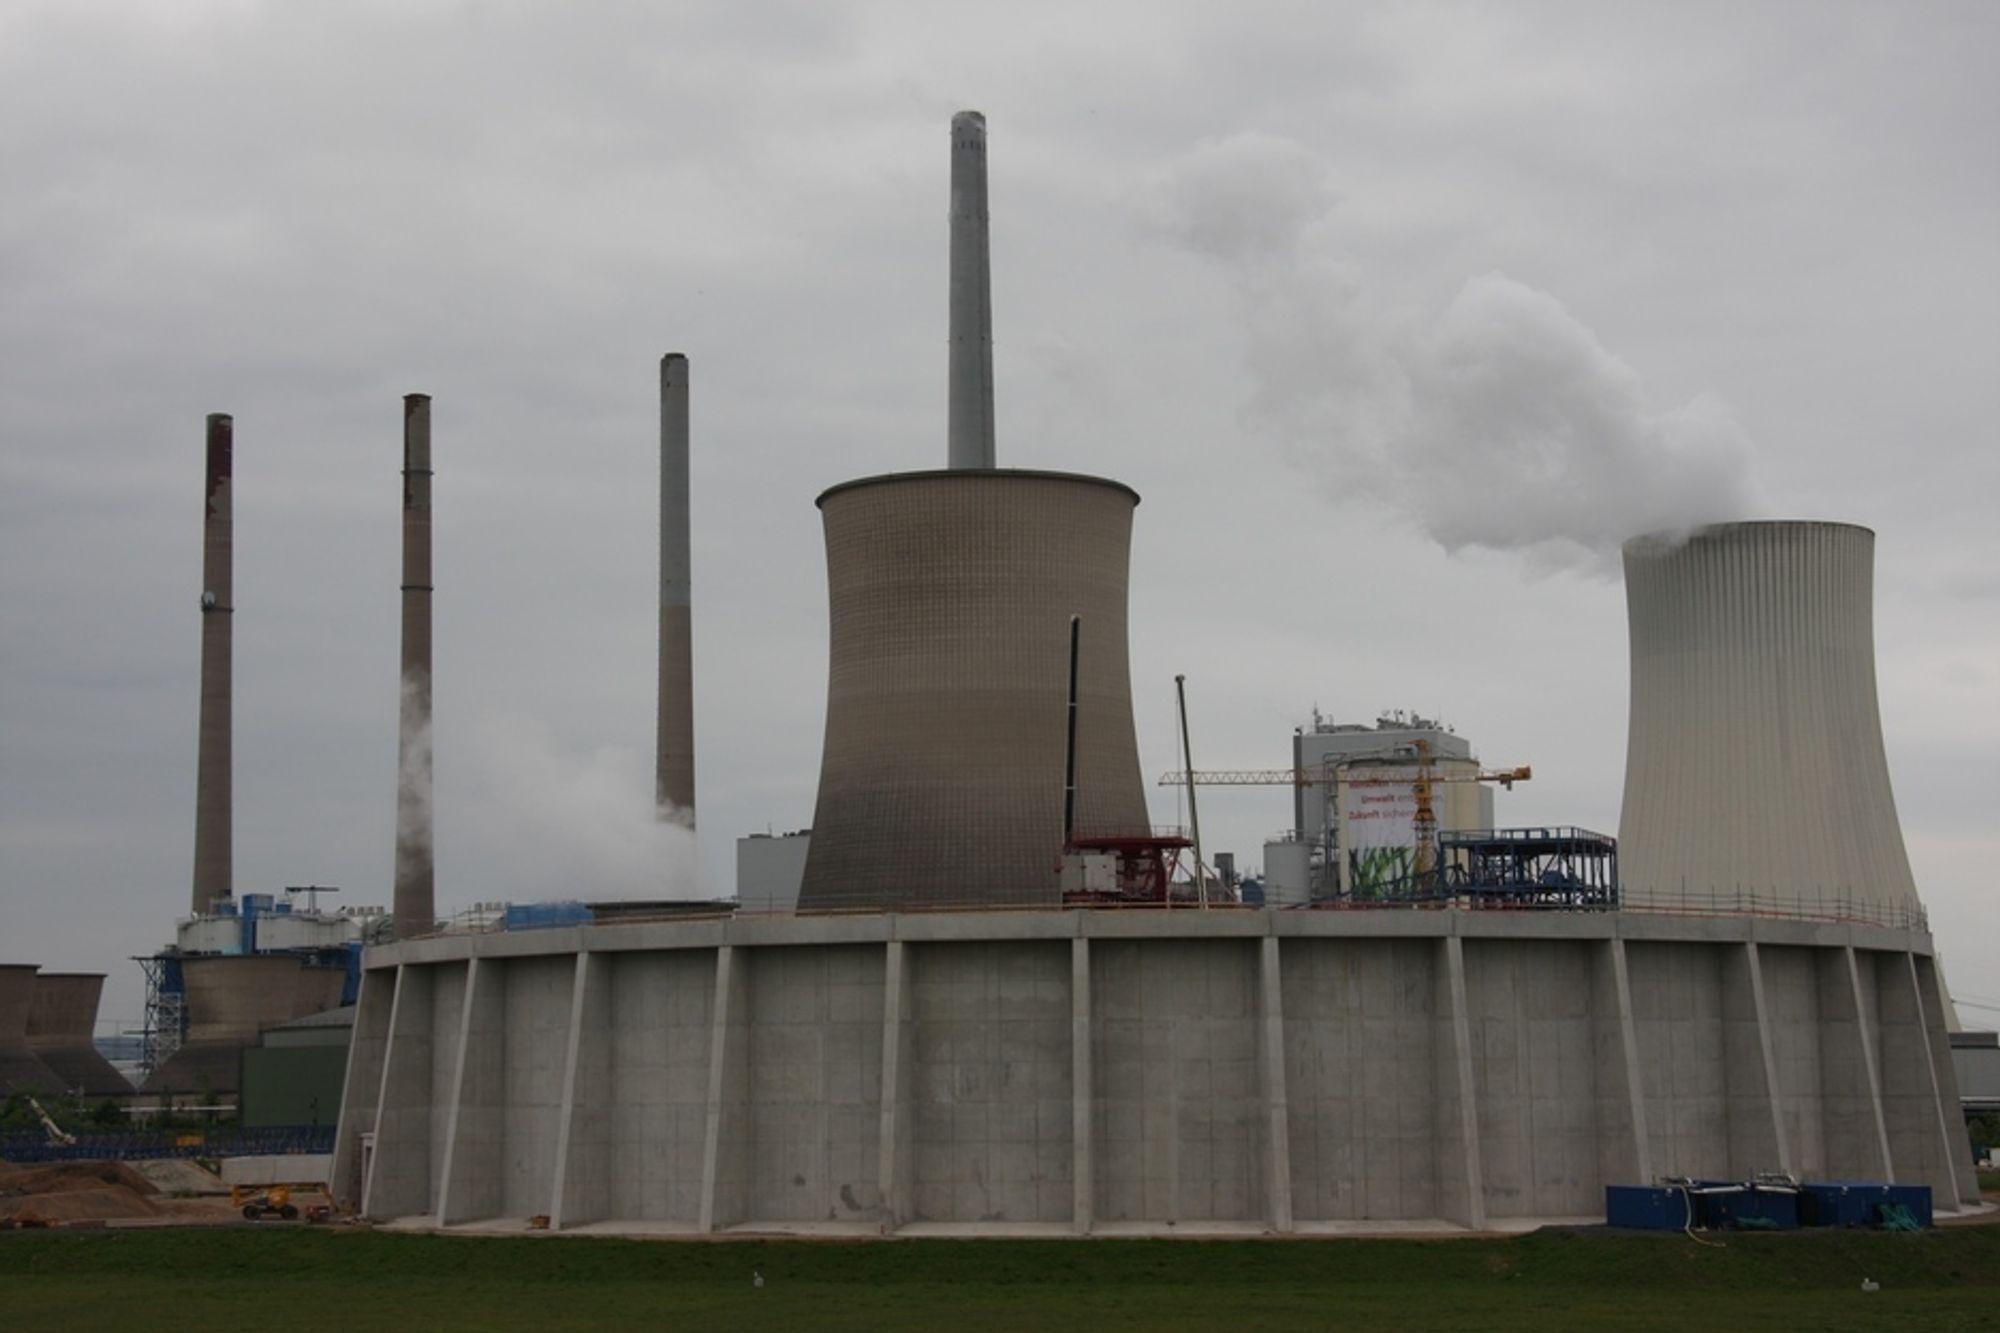 Dette er EONs kraftverk Staudinger i Tyskland, der det er bygget et testanlegg for CO2-fangst. Resultatene fra renseanlegget er oppsiktsvekkende gode. Løsningen avgir ingen helsefarlige utslipp, har over 90 prosent gjenvinningsgrad og lavt energiforbruk.